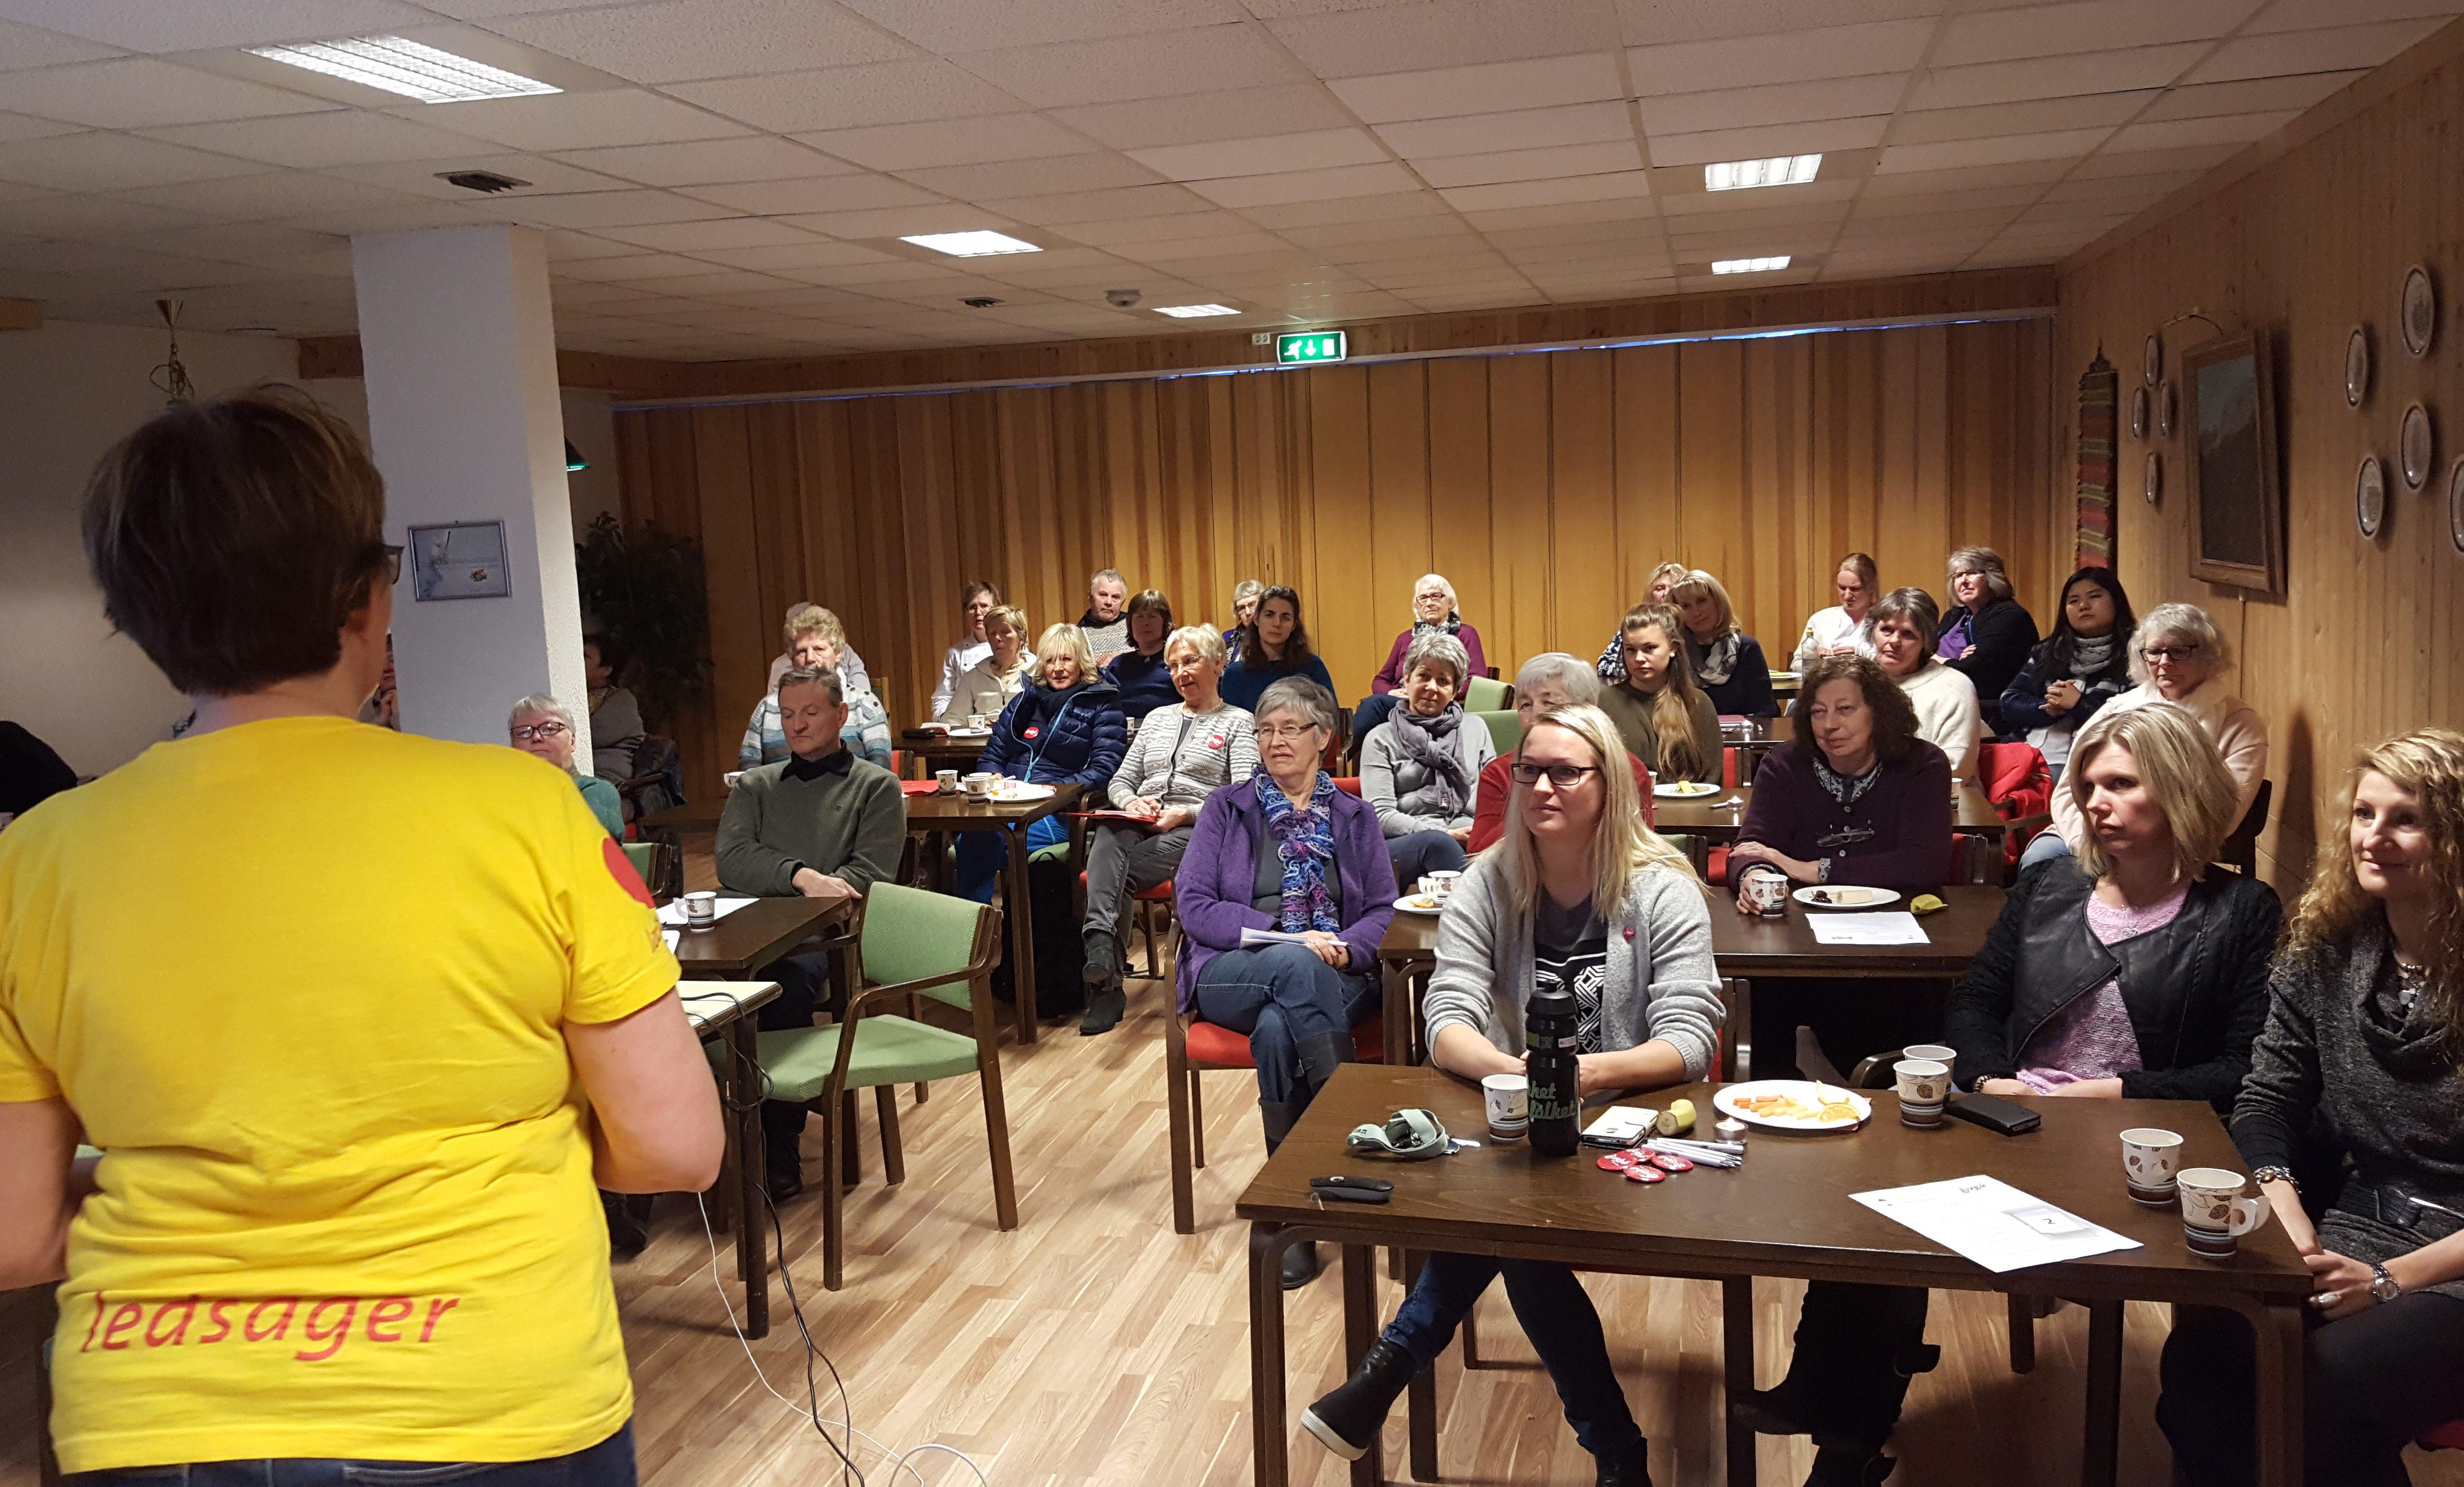 Veileder i livsgledepedagogikk Kari Sofie Iversen fra Livsglede for Eldre snakket om samspillet mellom generasjoner